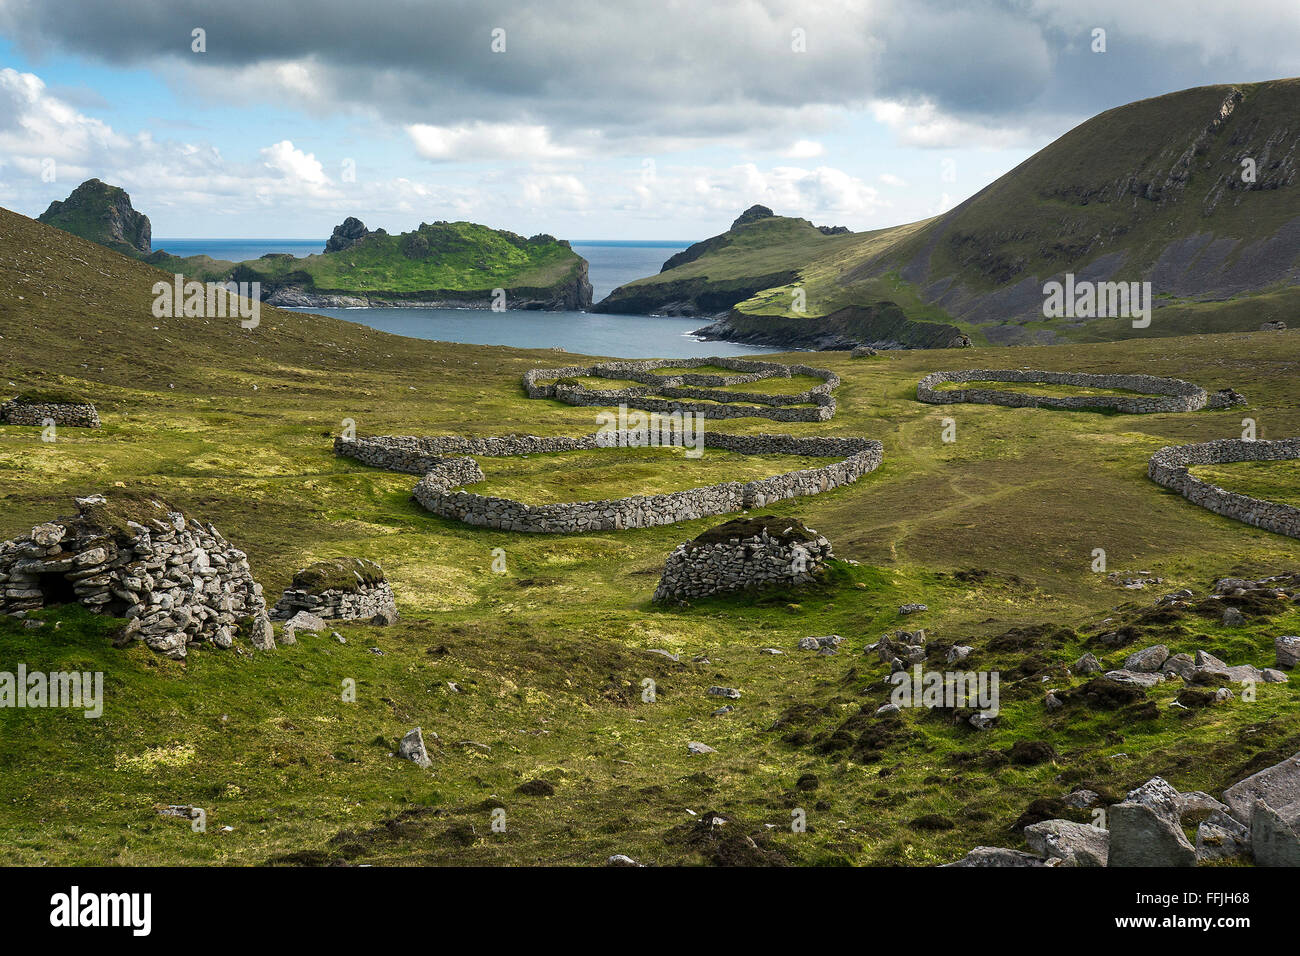 St Kilda l'écart fanks et digues en pierre sèche Banque D'Images